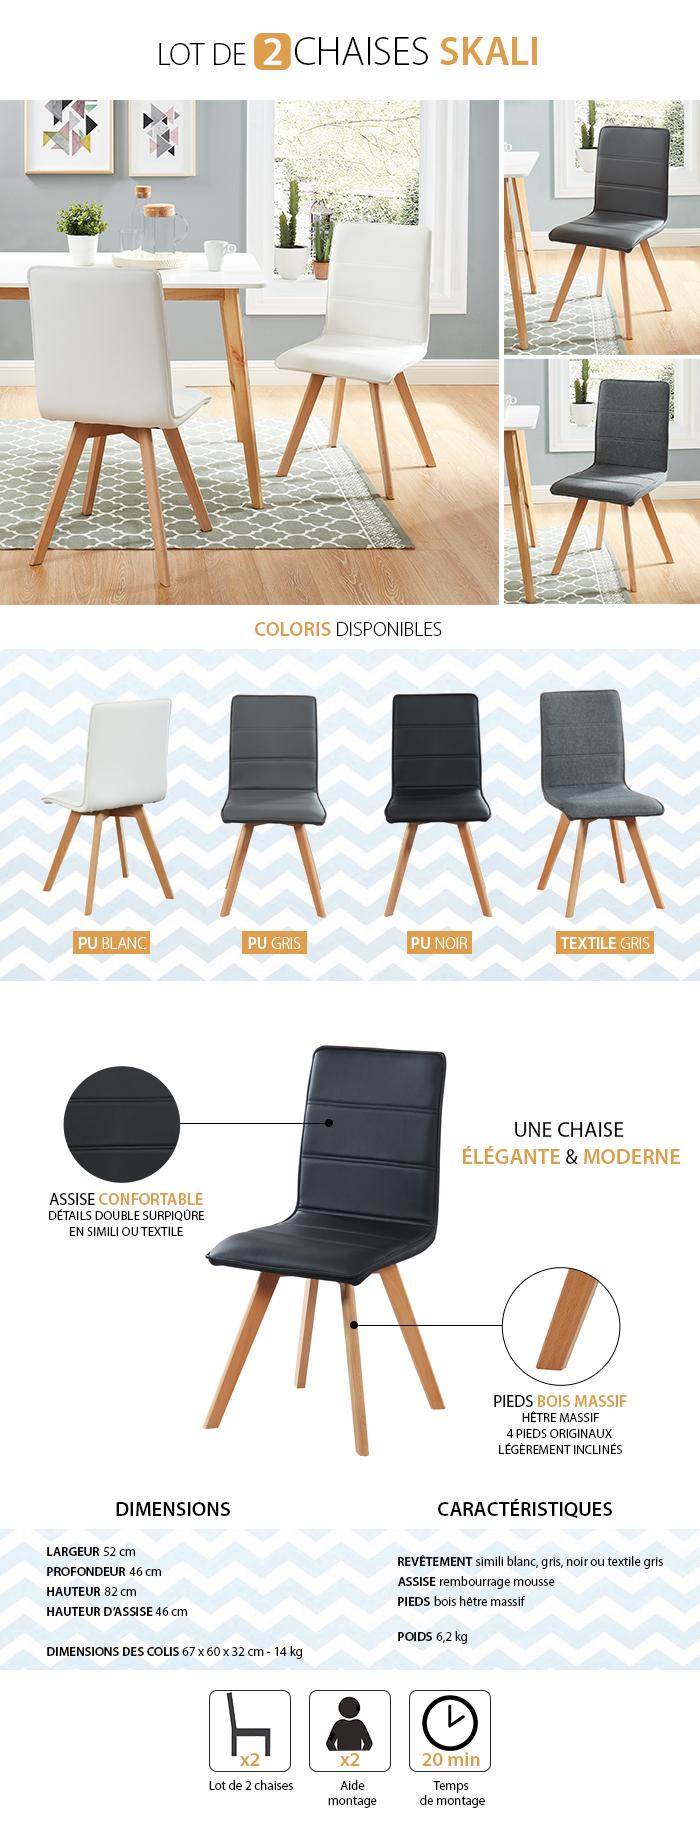 Lot De 2 Chaises De Séjour Design Scandinave Skali serapportantà Auchan Chaise